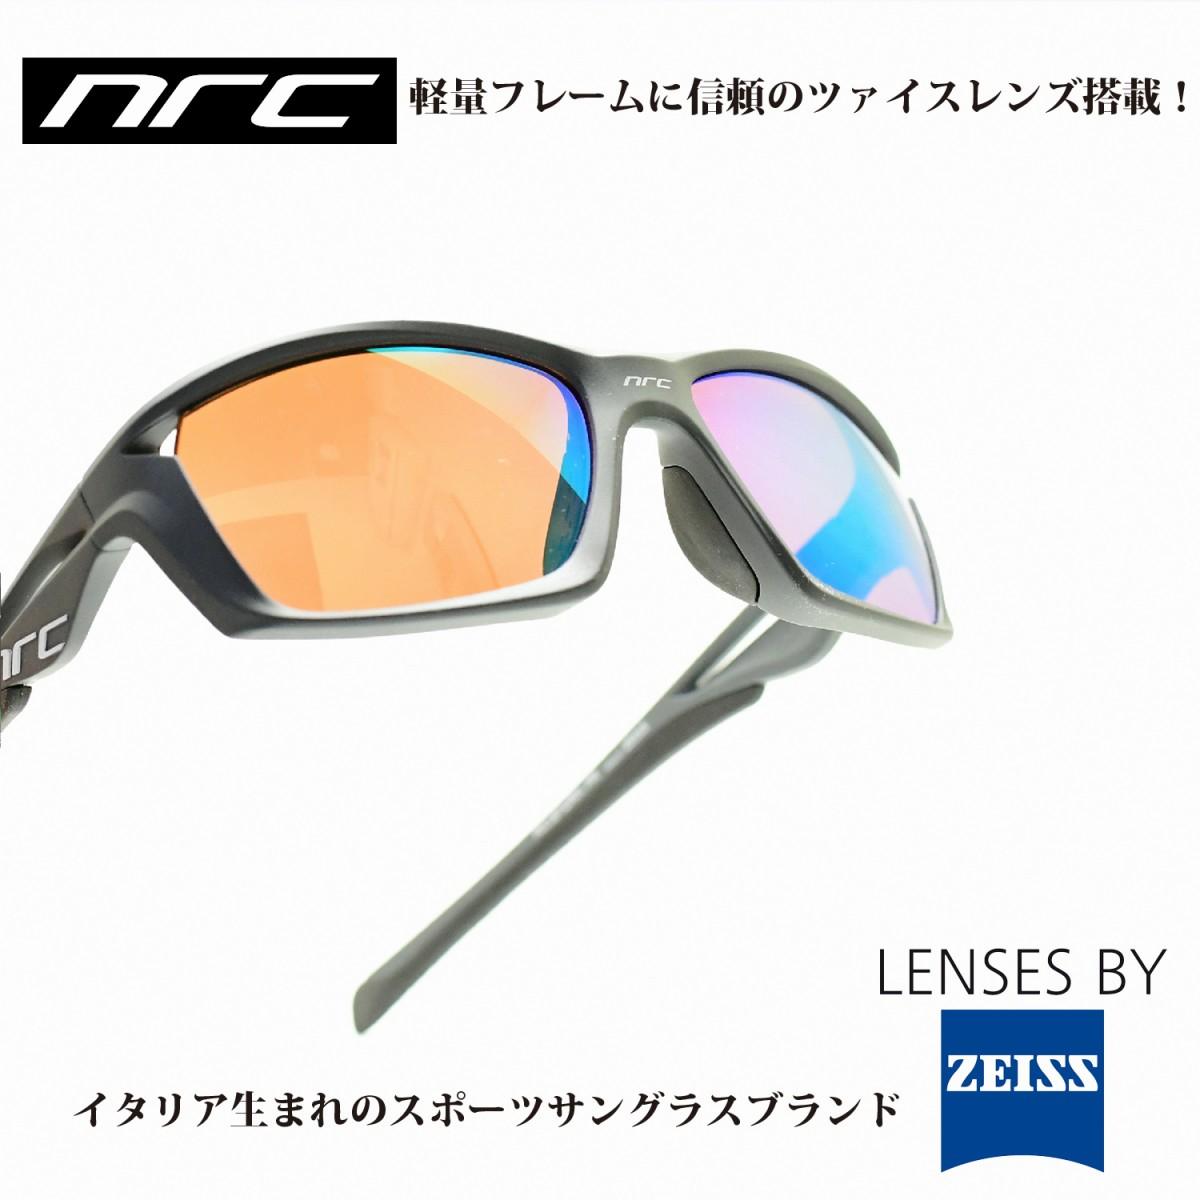 nrc エヌアールシーRX1 STORM PR(偏光レンズ)メガネ 眼鏡 めがね メンズ レディース おしゃれ ブランド 偏光人気 おすすめ フレーム 流行り 度付き レンズ サングラス スポーツ